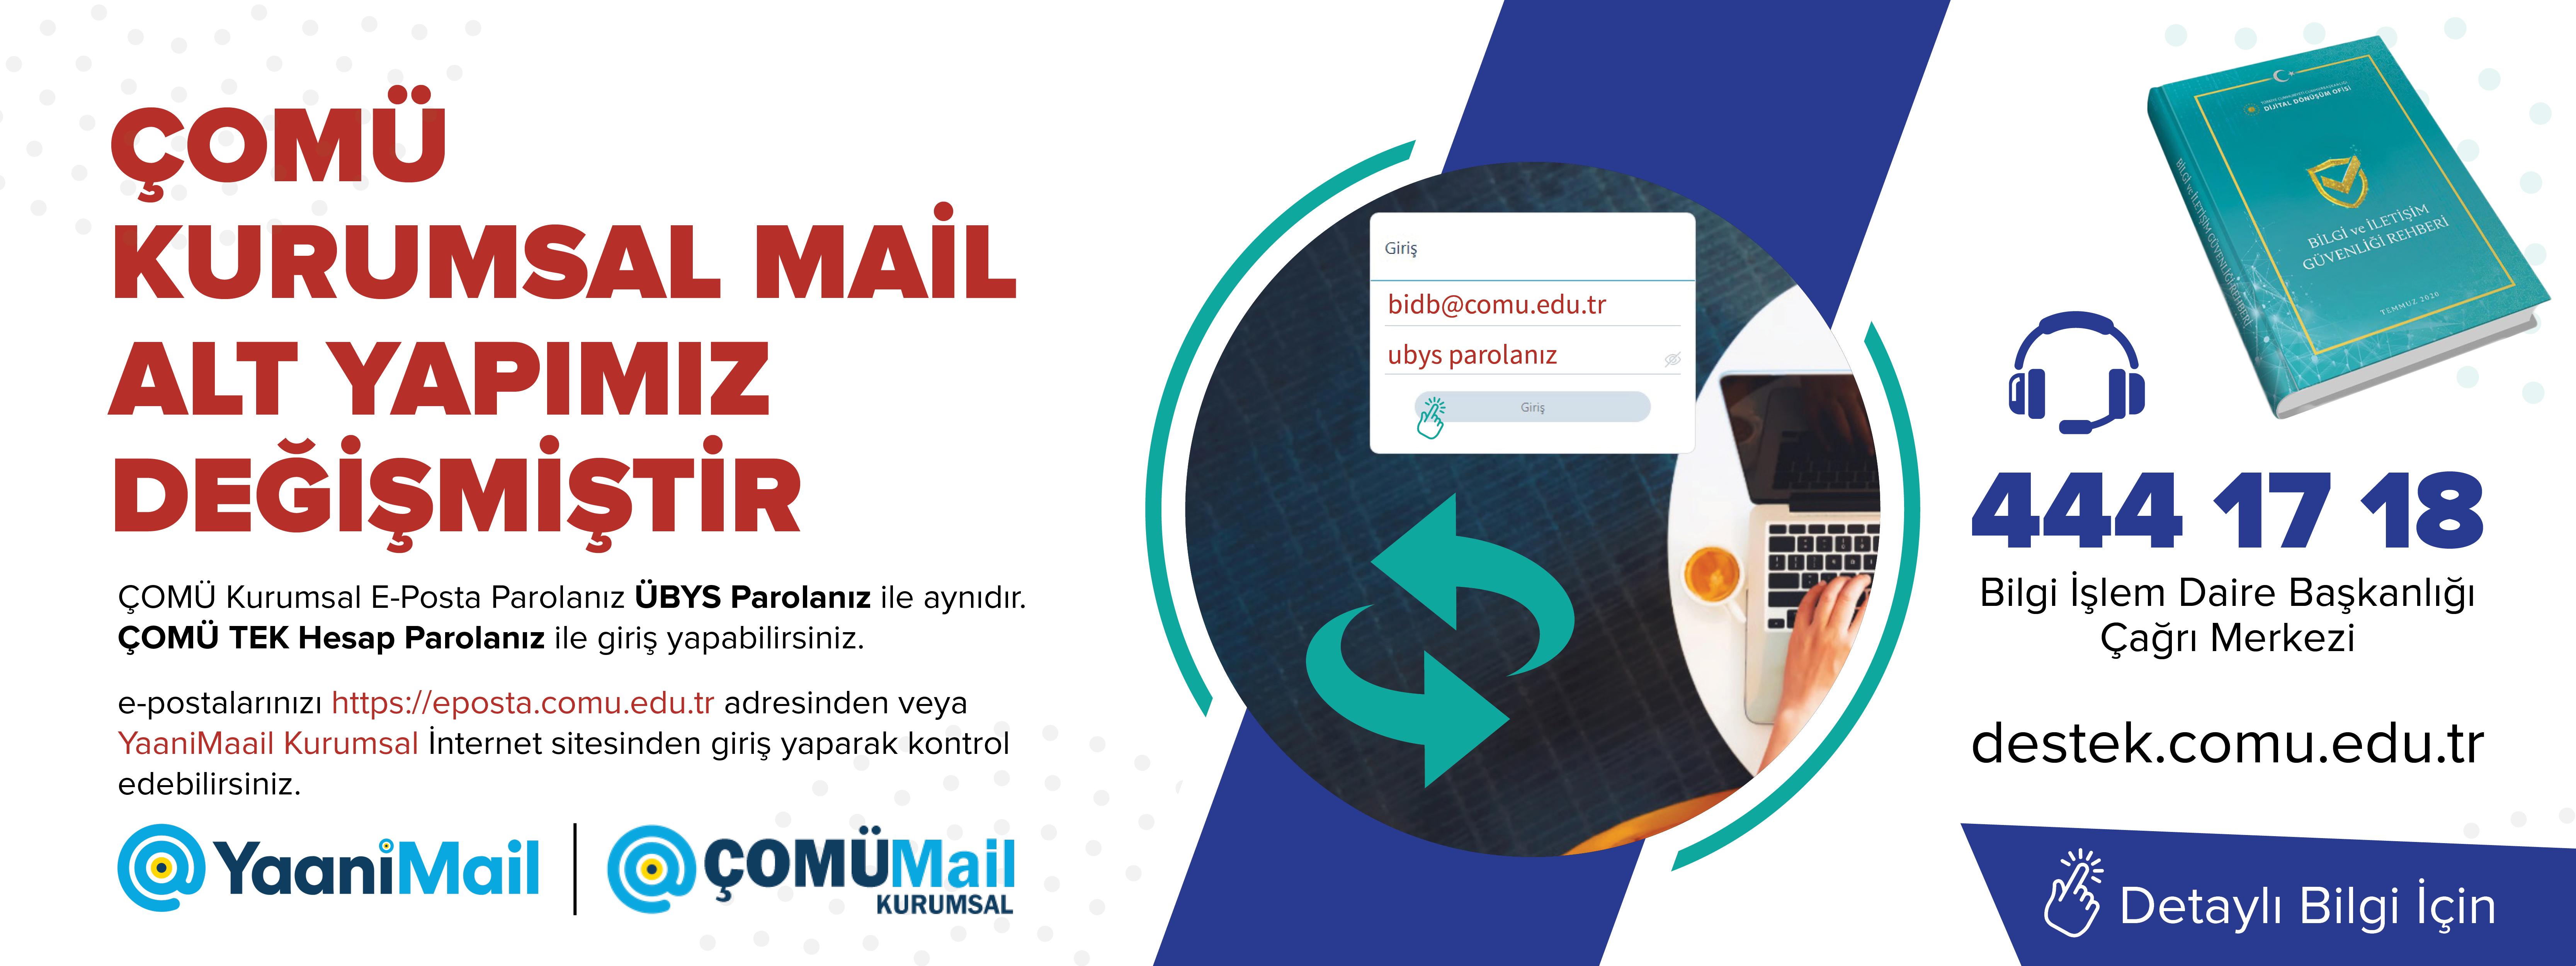 ÇOMÜ Kurumsal Mail Alt Yapımız Değişmiştir